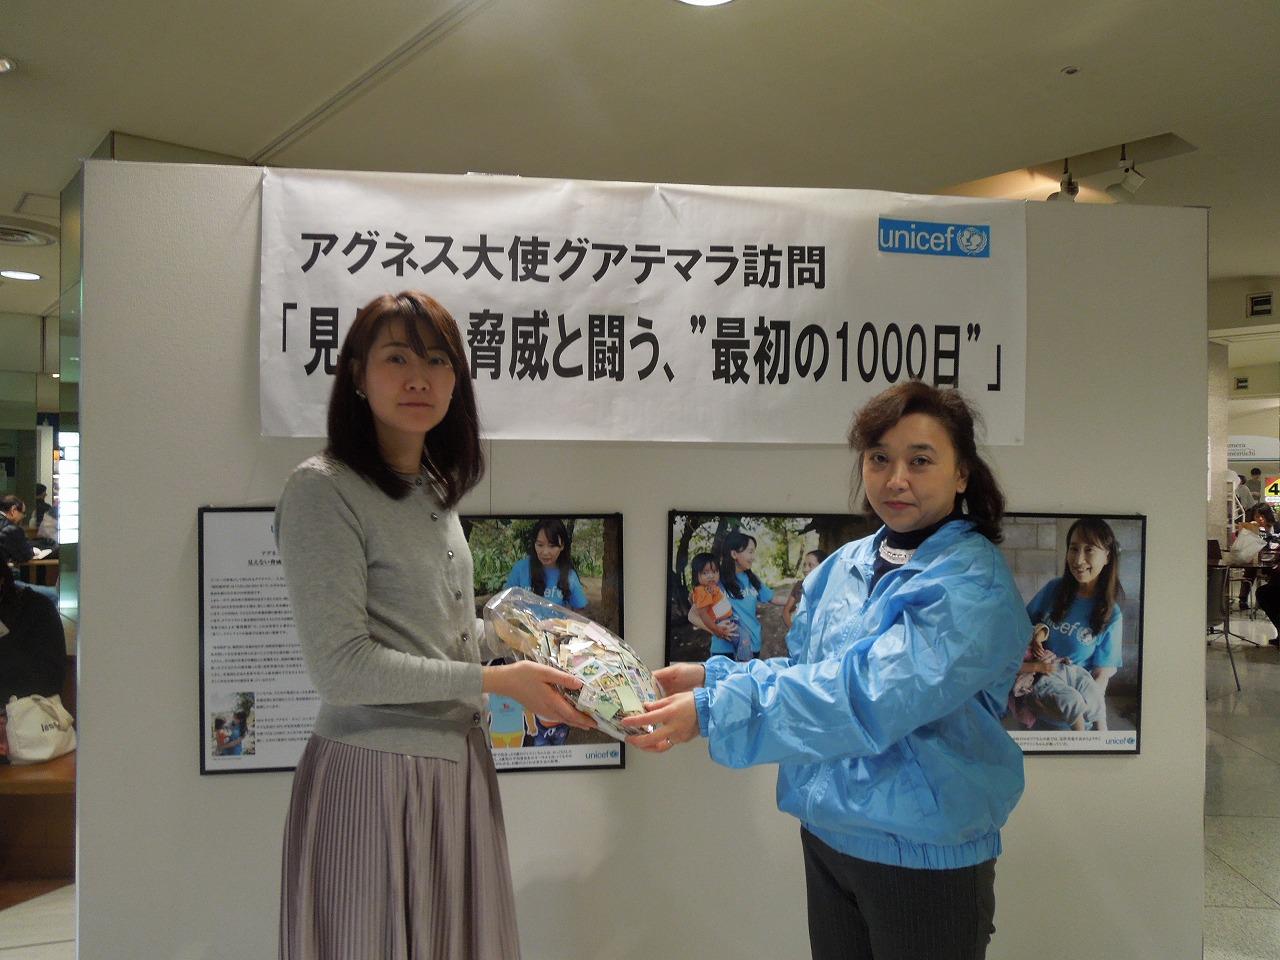 http://www.unicef-hokkaido.jp/img/JXTG%E3%82%A8%E3%83%8D%E3%83%AB%E3%82%AE%E3%83%BC.jpg